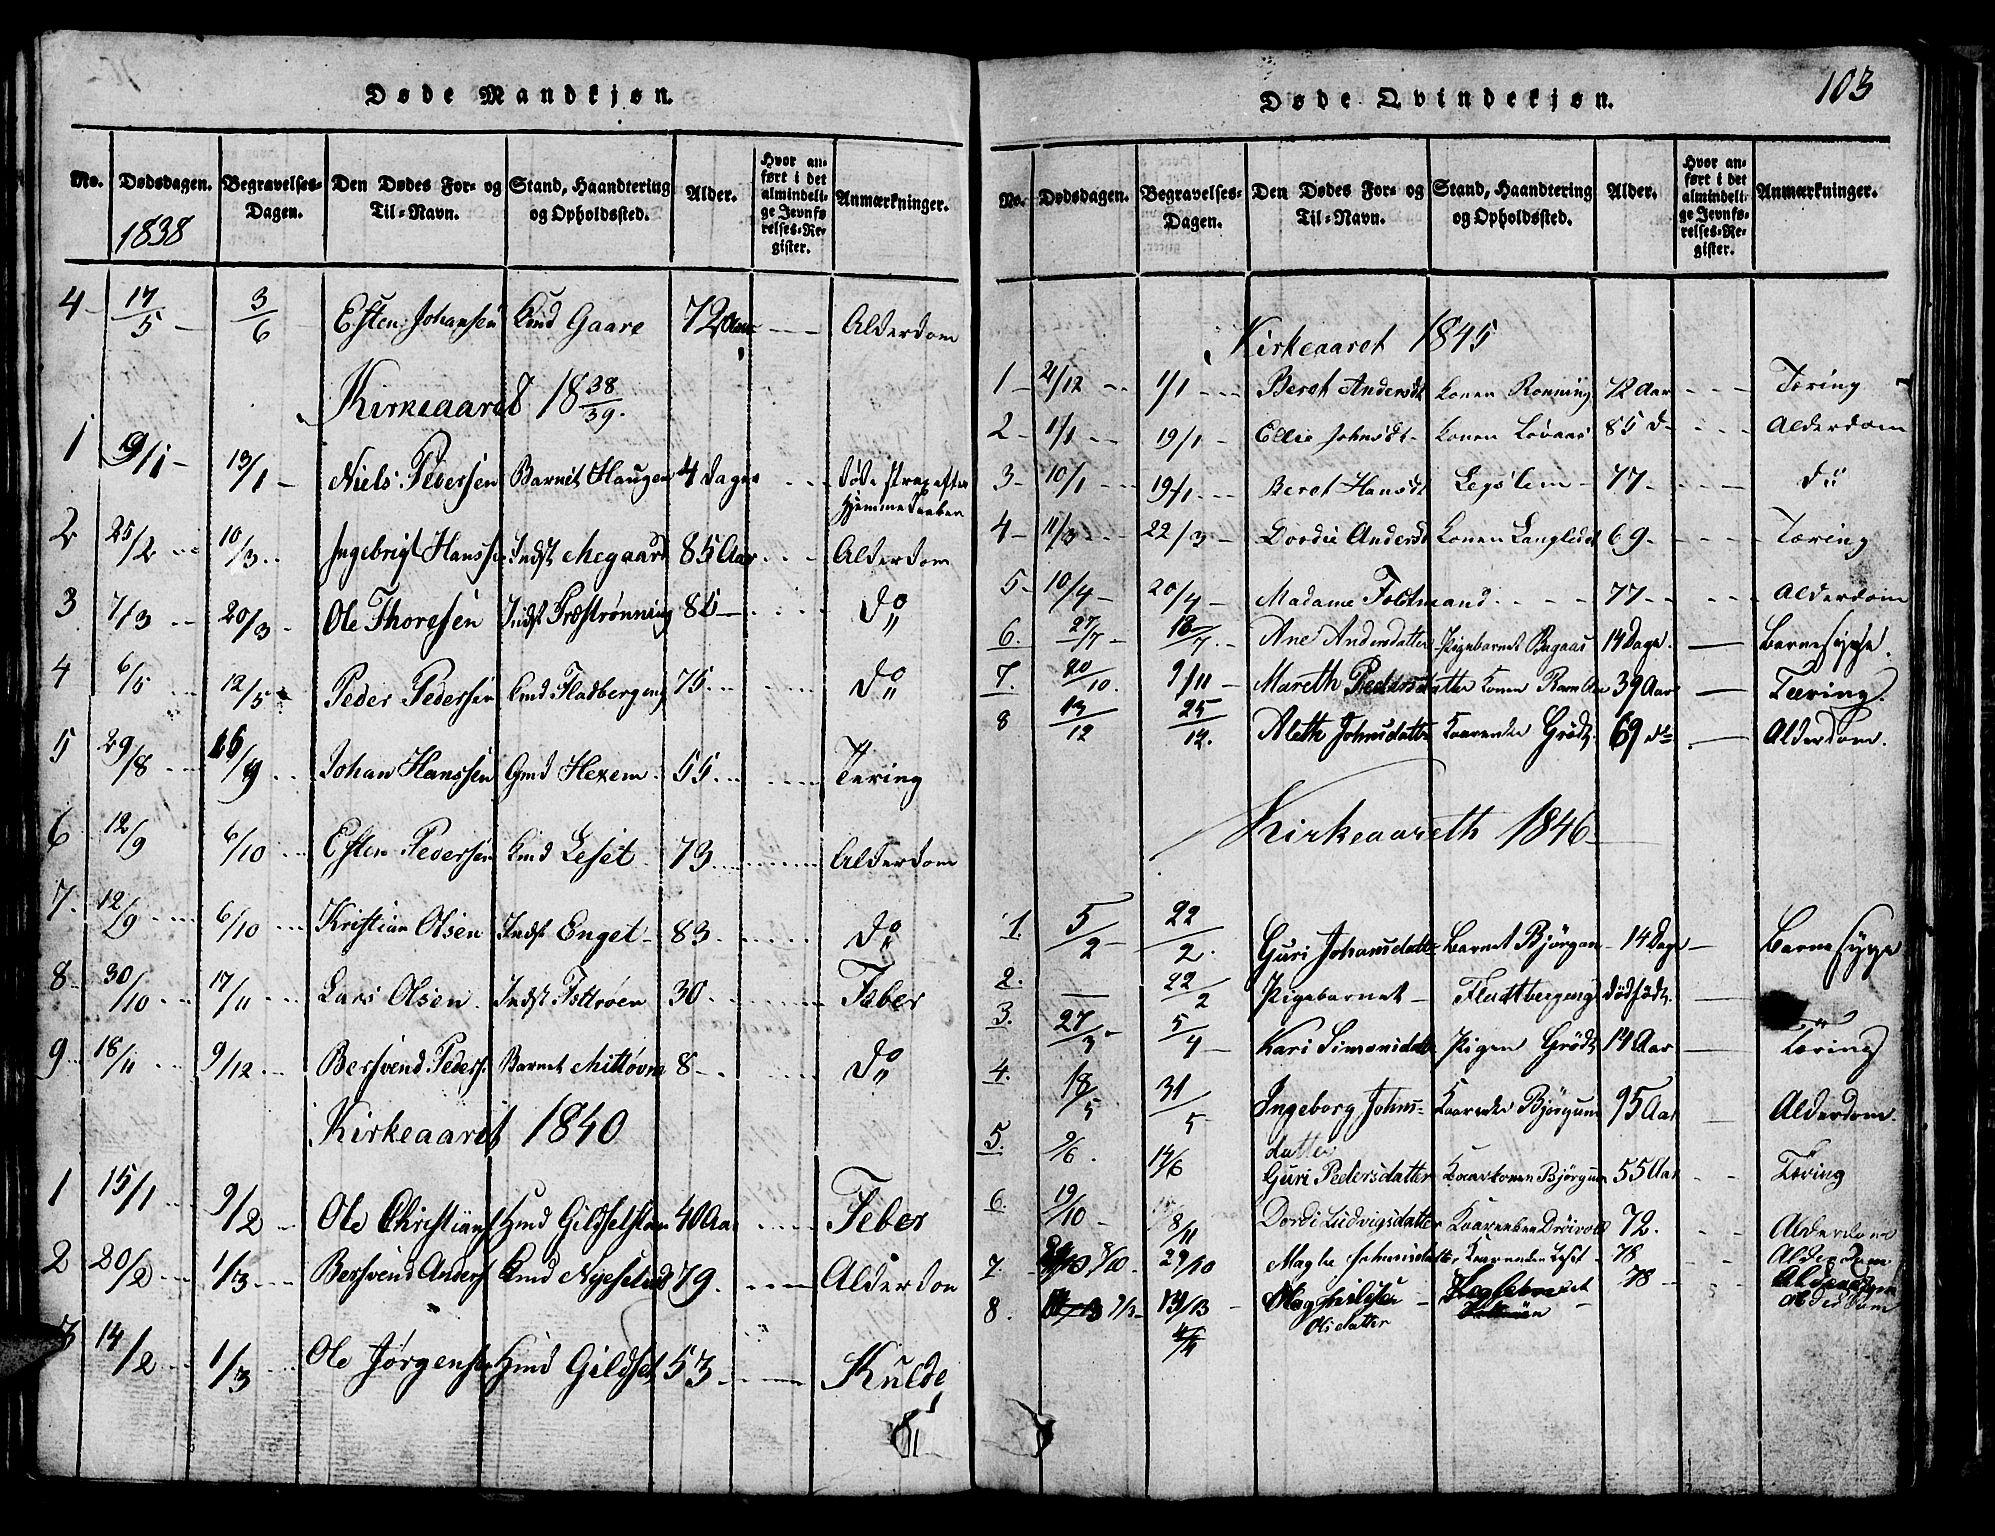 SAT, Ministerialprotokoller, klokkerbøker og fødselsregistre - Sør-Trøndelag, 685/L0976: Klokkerbok nr. 685C01, 1817-1878, s. 103